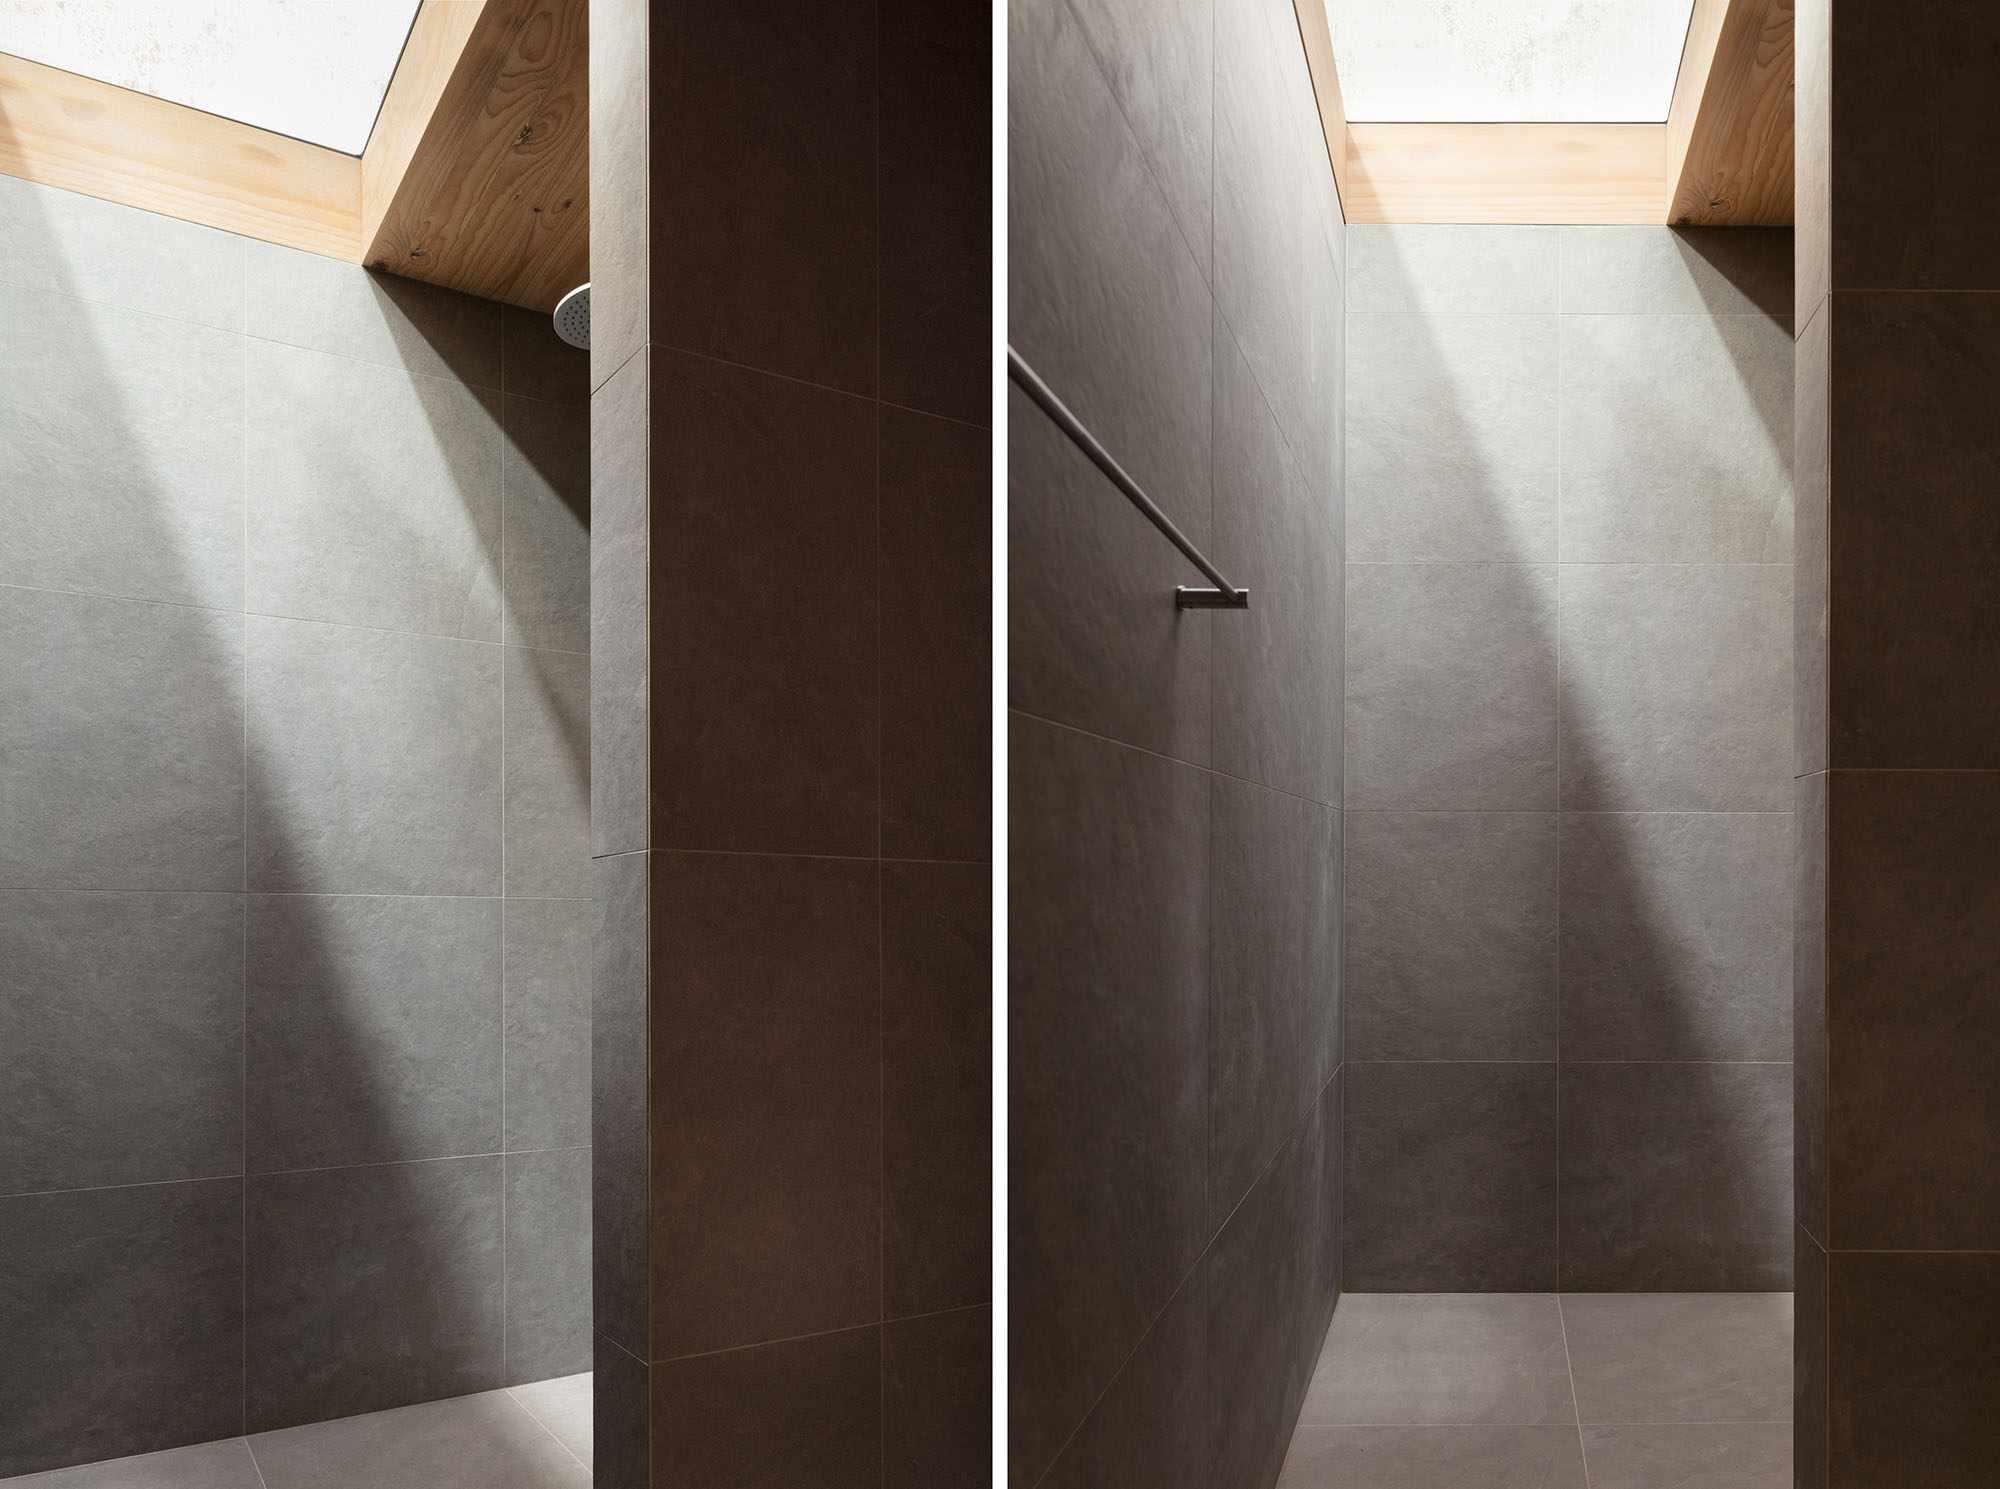 Minima prefab by TRIAS shower